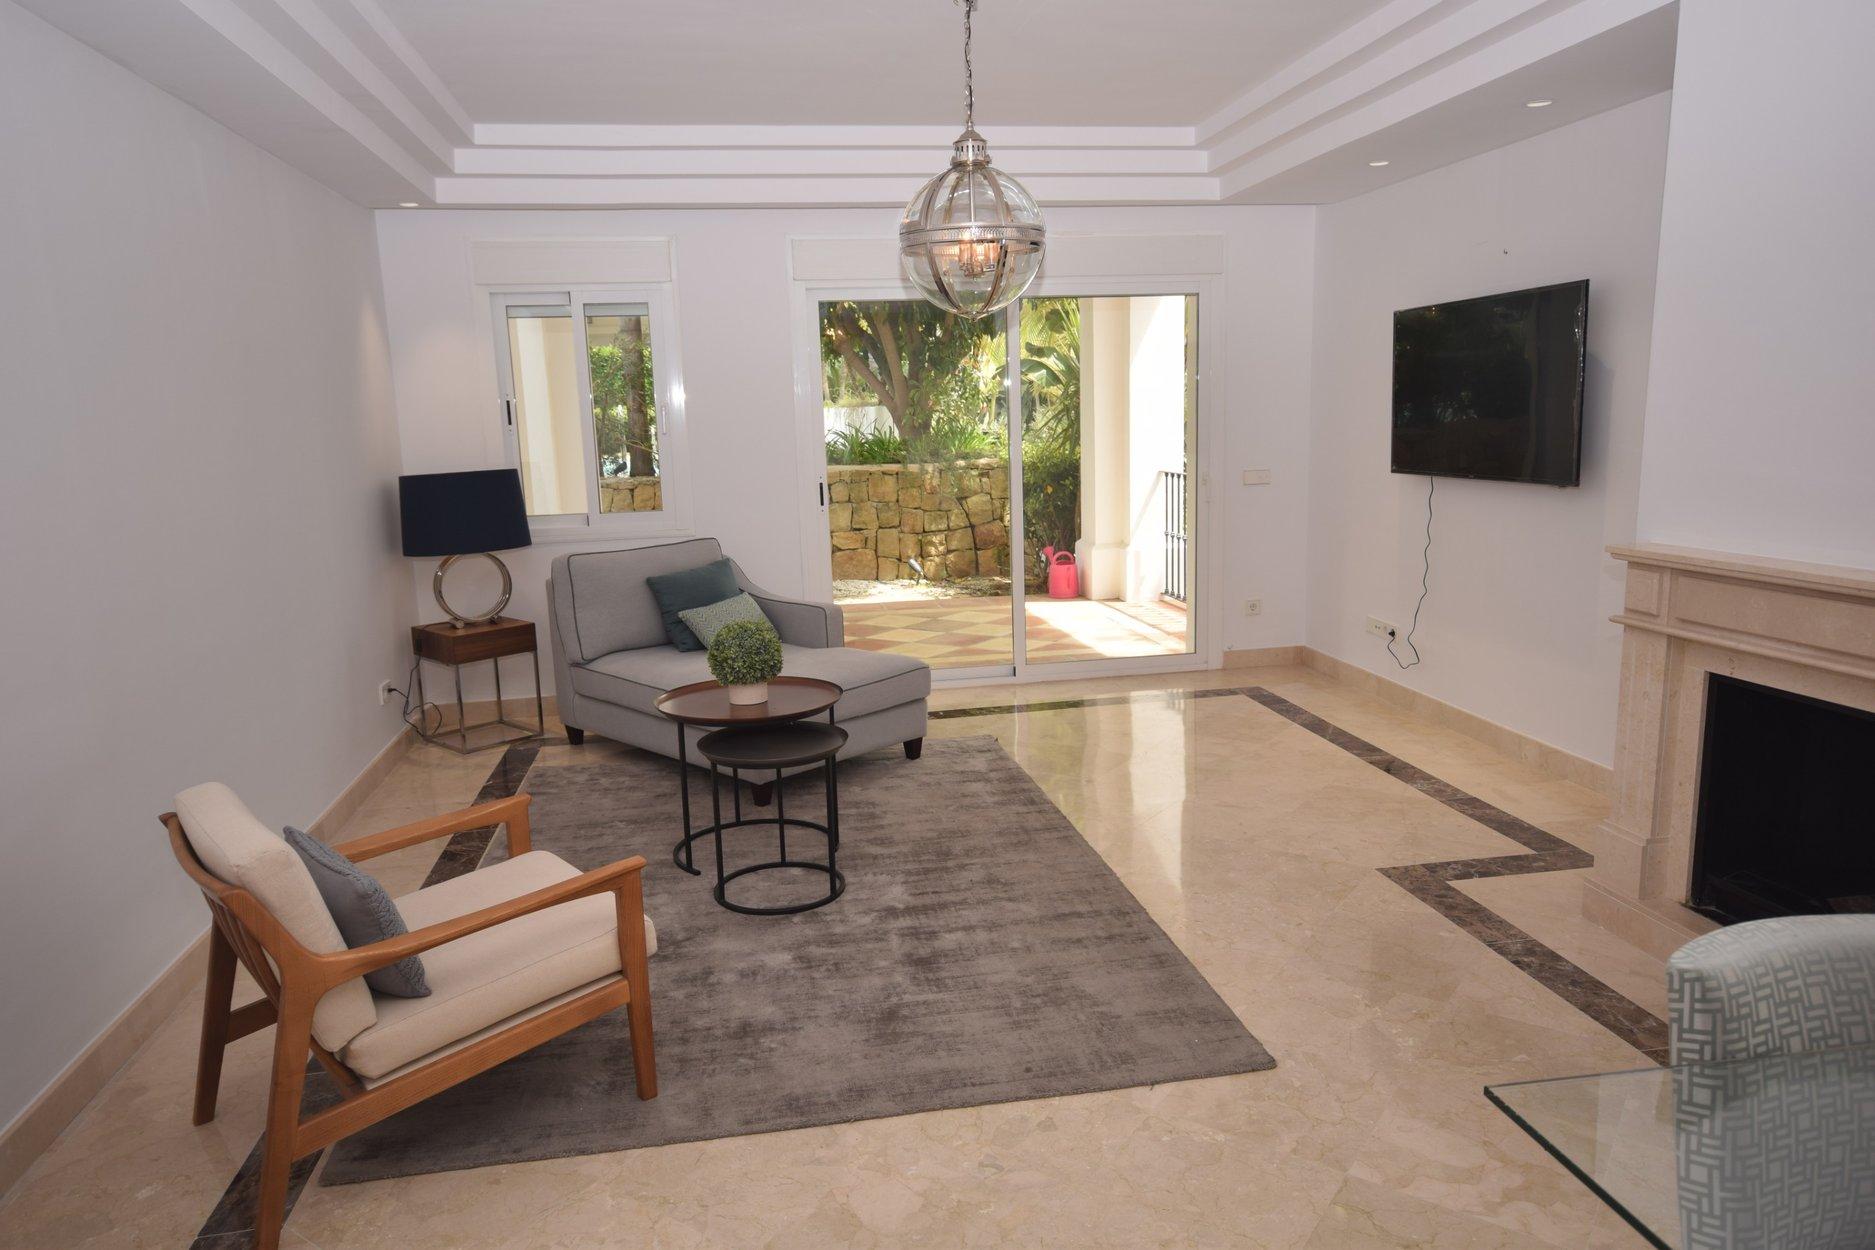 schlafzimmer set b ware lattenroste mit gasdruckfedern wei e m bel schlafzimmer wandfarbe. Black Bedroom Furniture Sets. Home Design Ideas